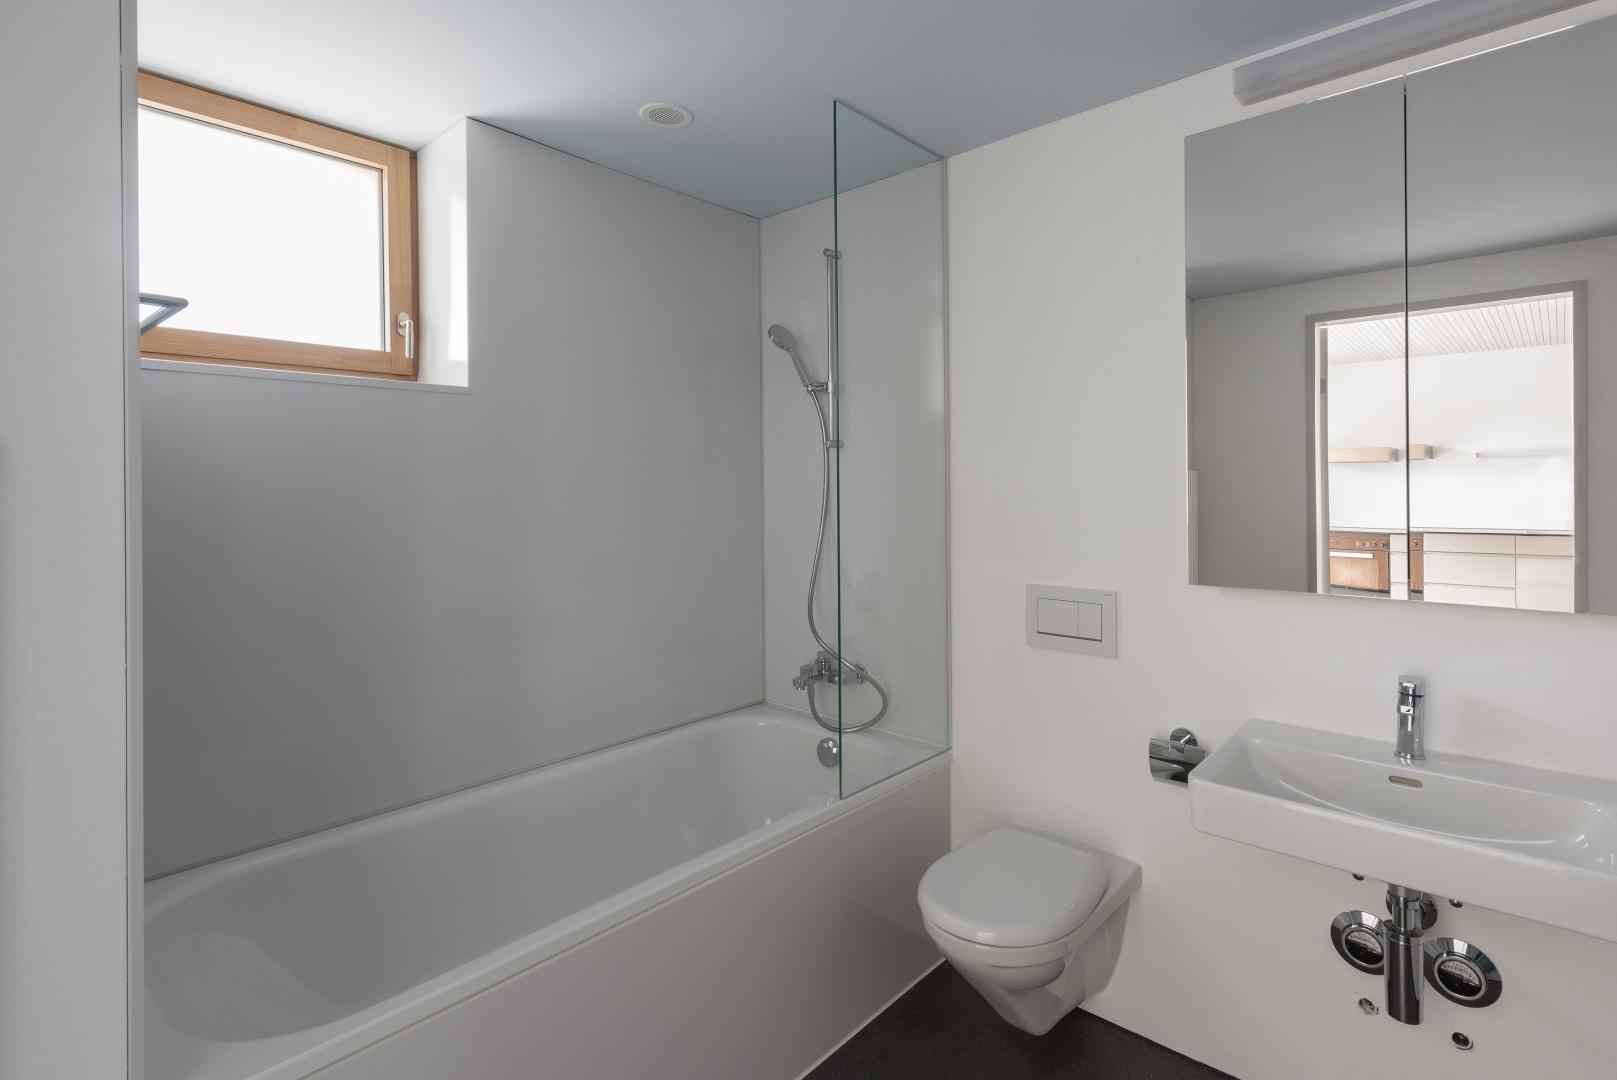 Badezimmer © Christine Blaser, Bildaufbau, Sandrainstrasse 3 3007 Bern